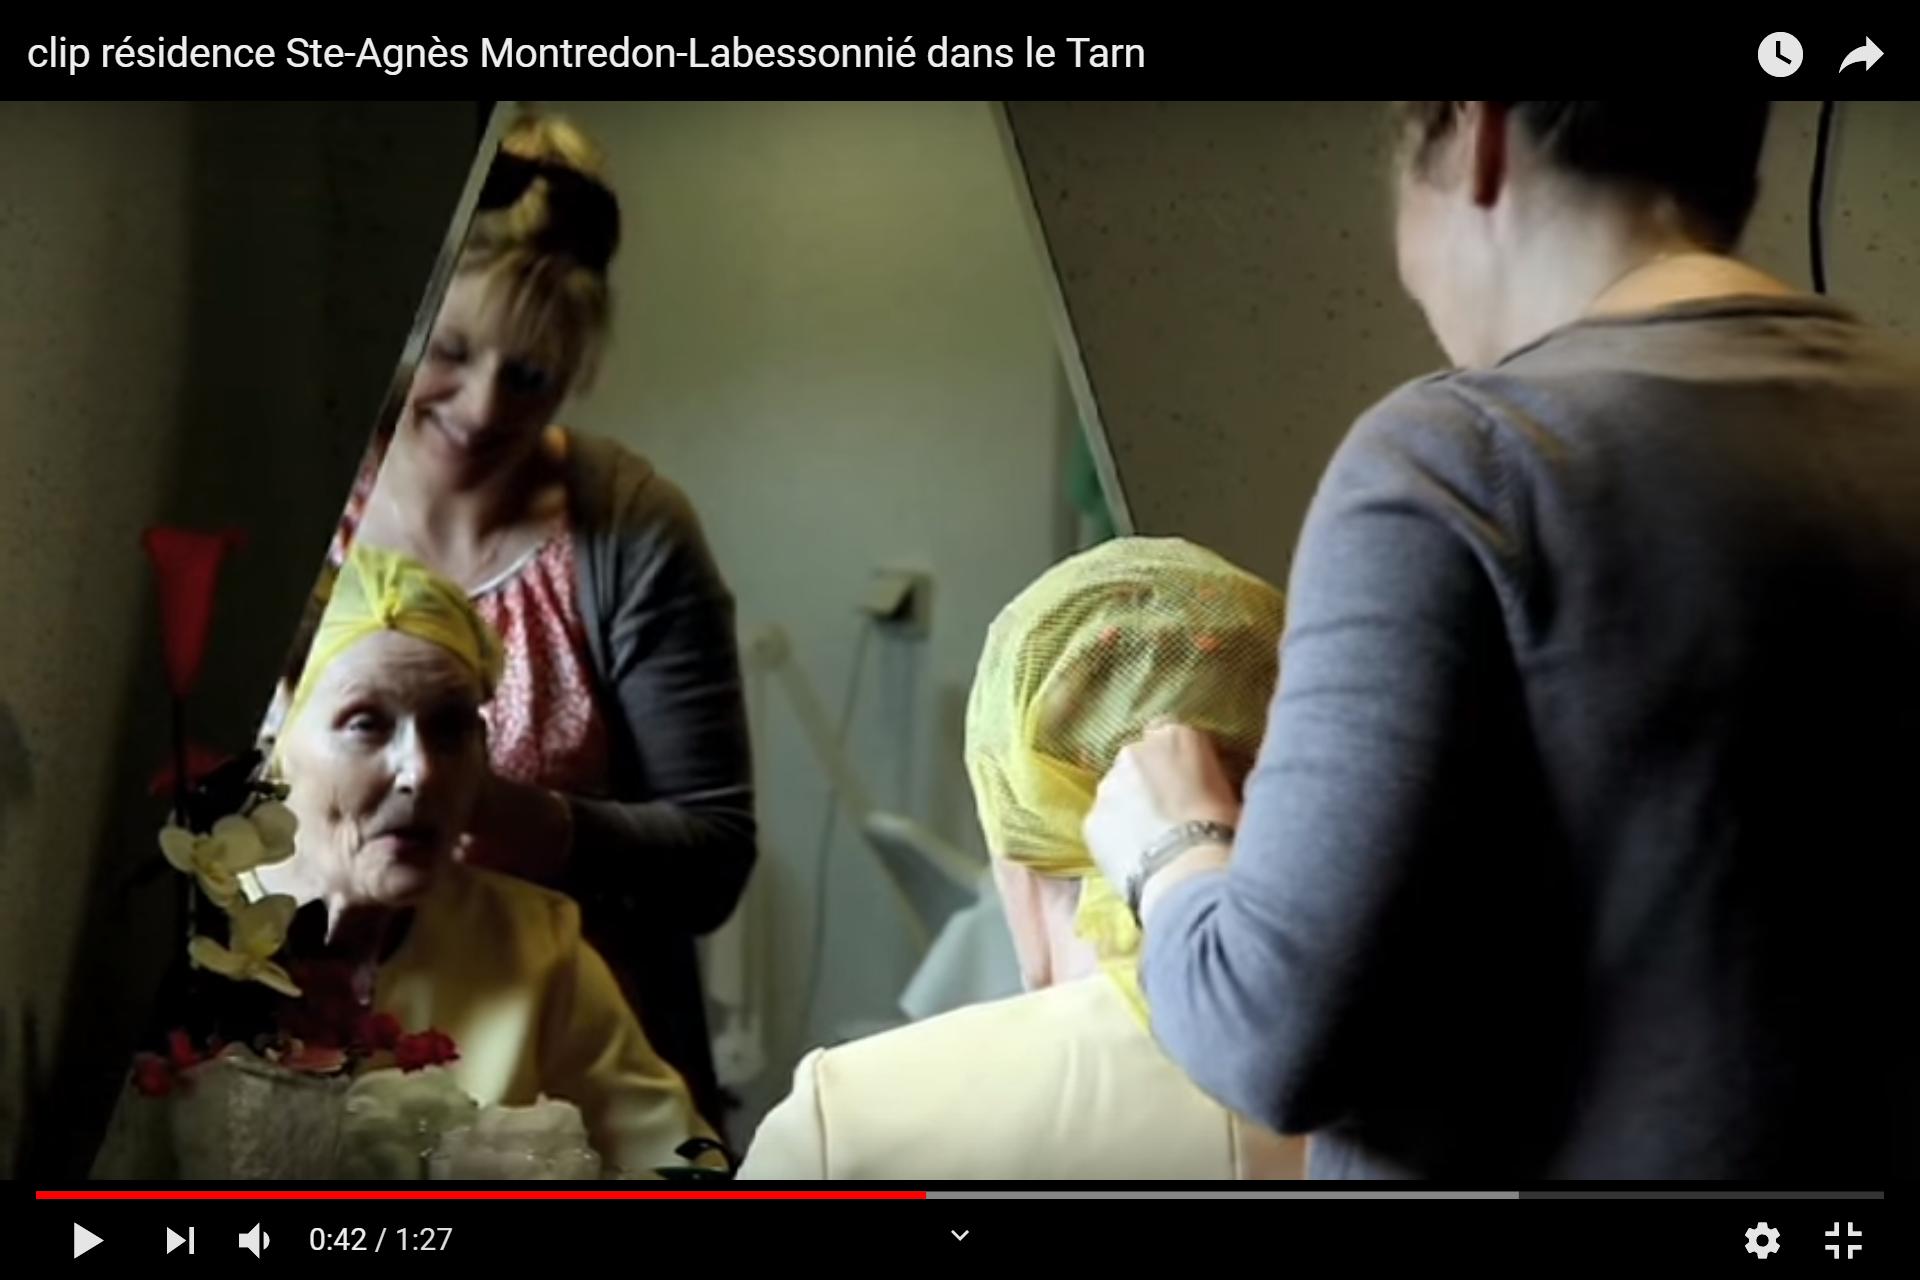 résidence Ste-Agnès Montredon-Labessonnié dans le Tarn